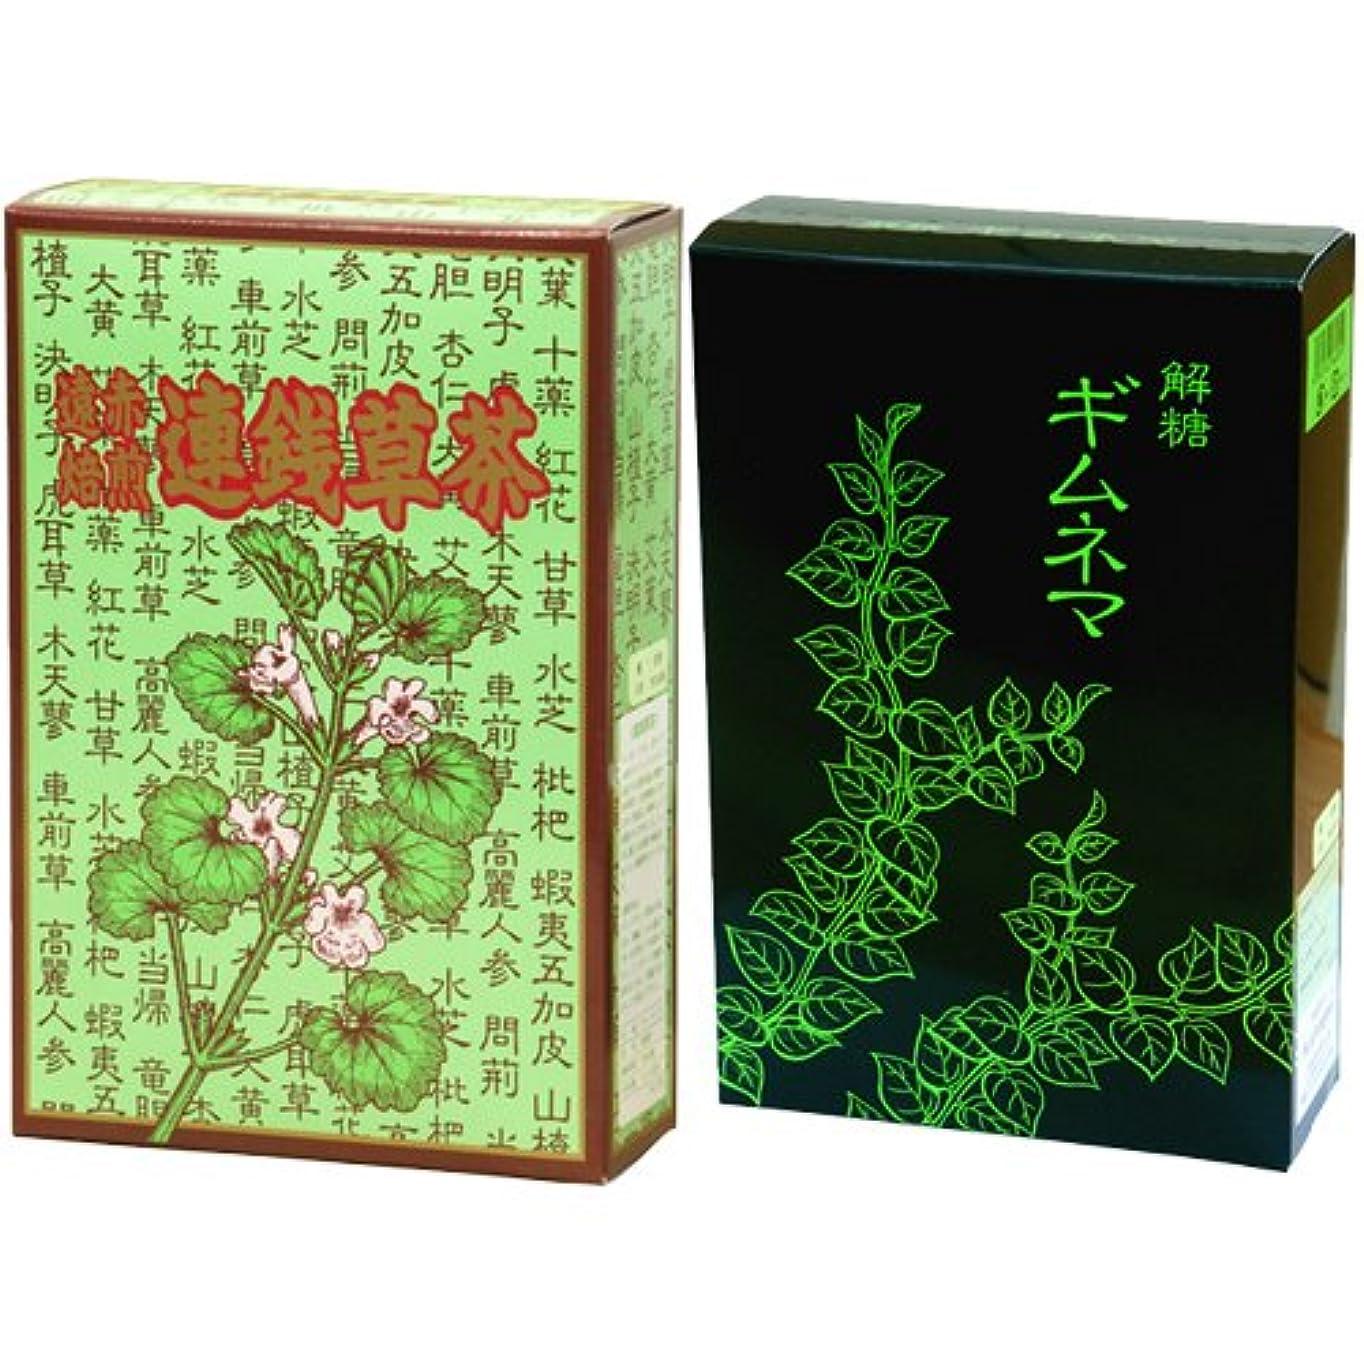 ブラスト画面ぜいたく自然健康社 国産連銭草茶 30パック + 解糖ギムネマ 32パック